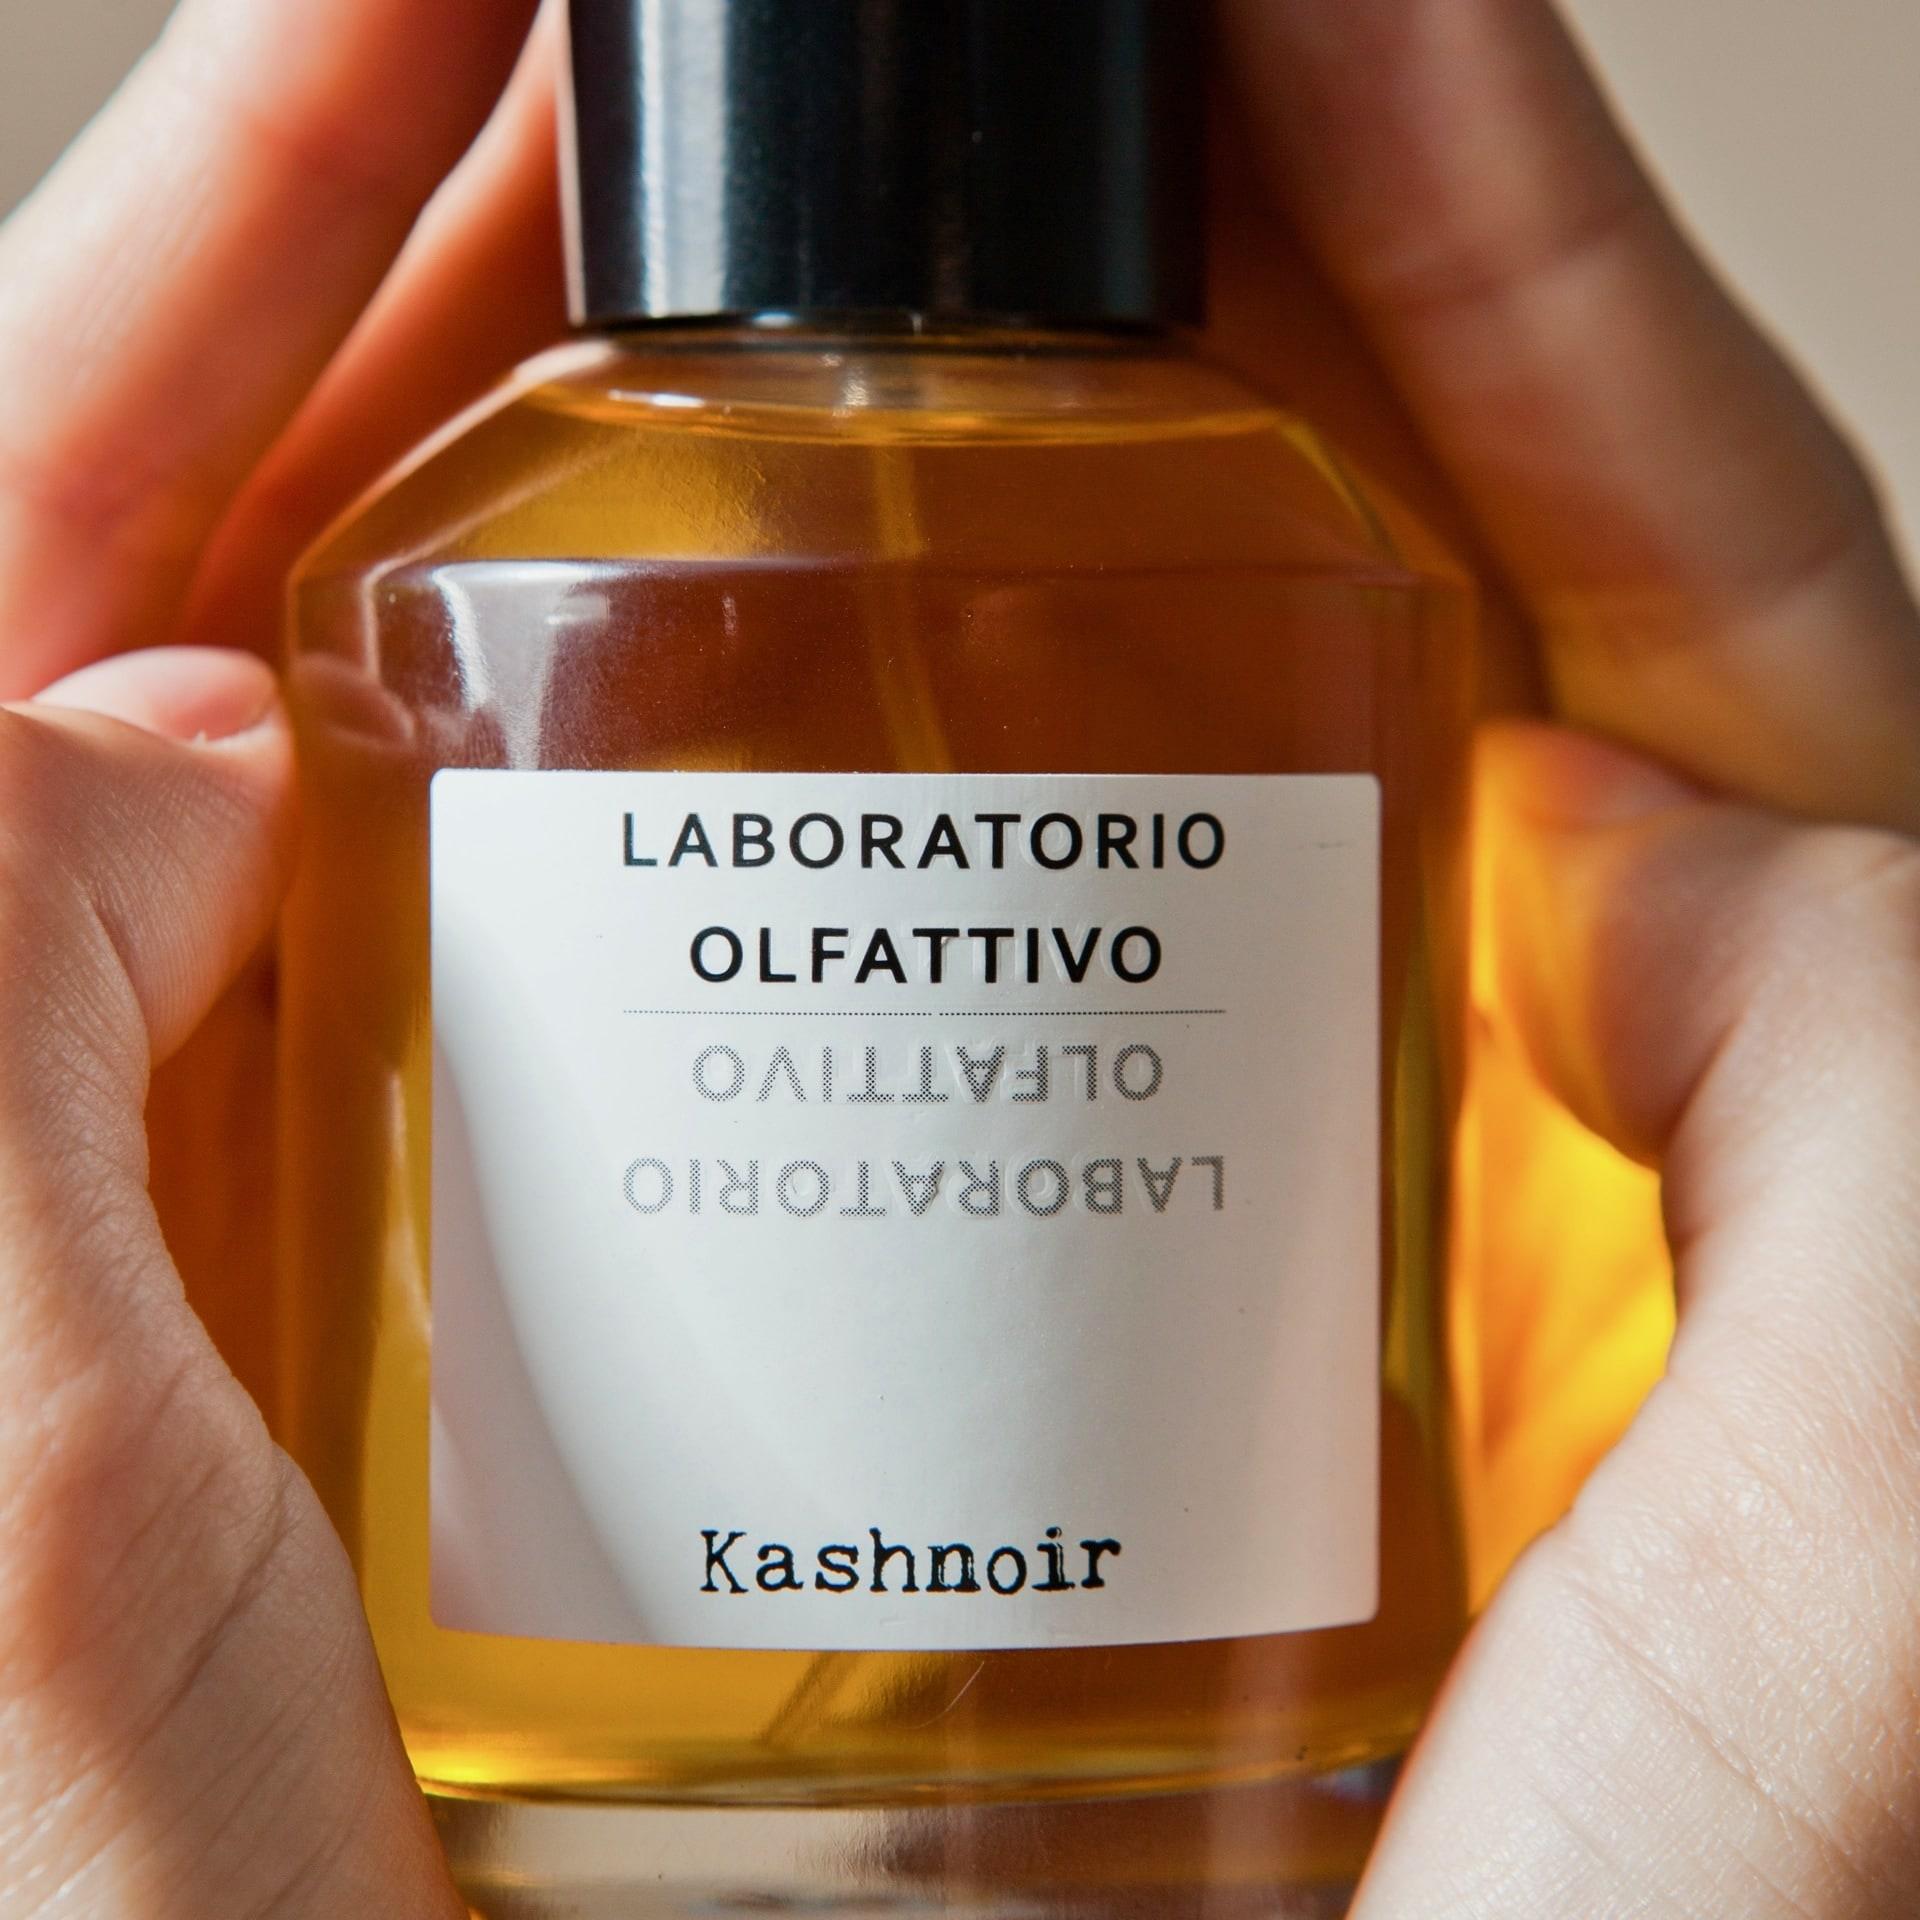 Парфюмированная вода Laboratorio Olfattivo Kashnoir